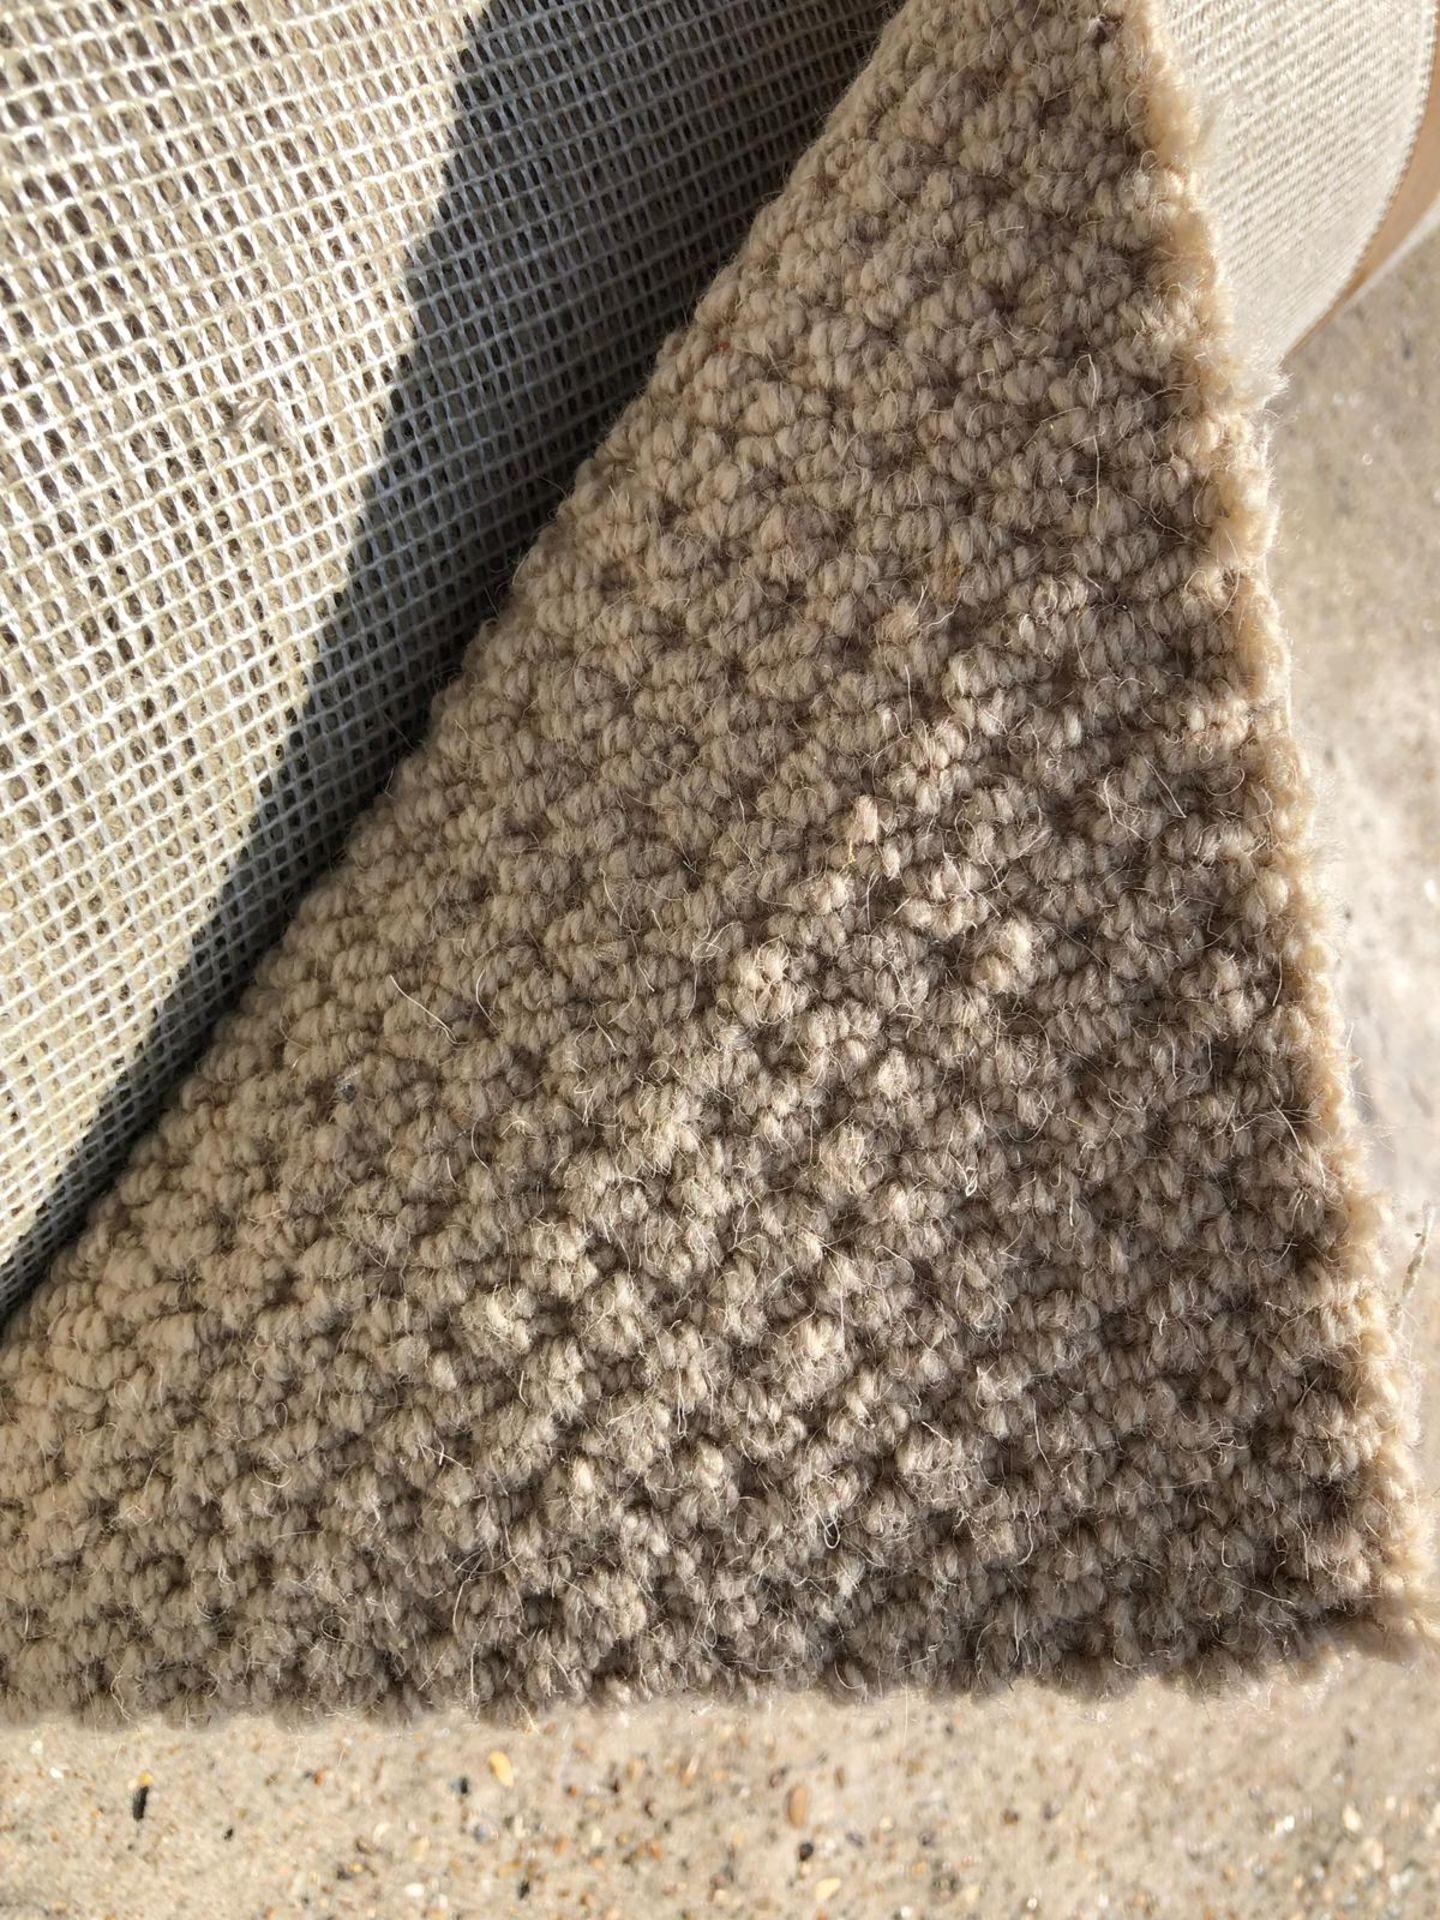 Lot 16 - Patterned Twist Wool 4.97 x 2.9